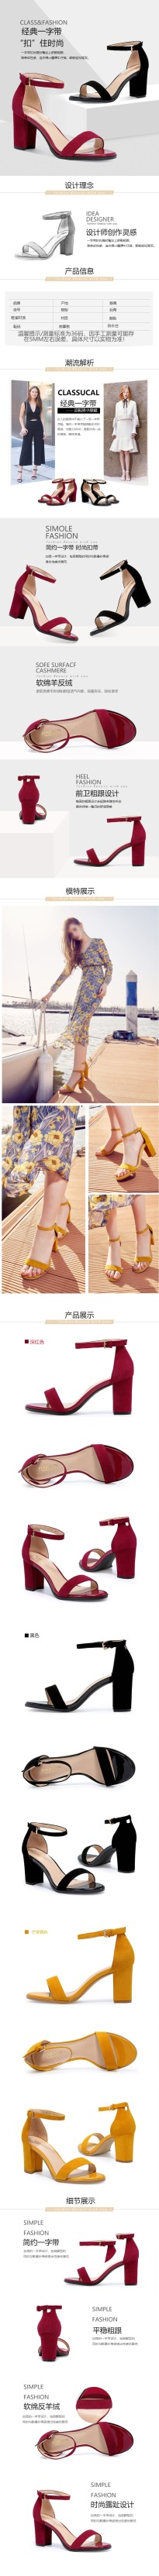 清新简约百货零食鞋子高跟鞋一字带凉鞋促销电商详情页